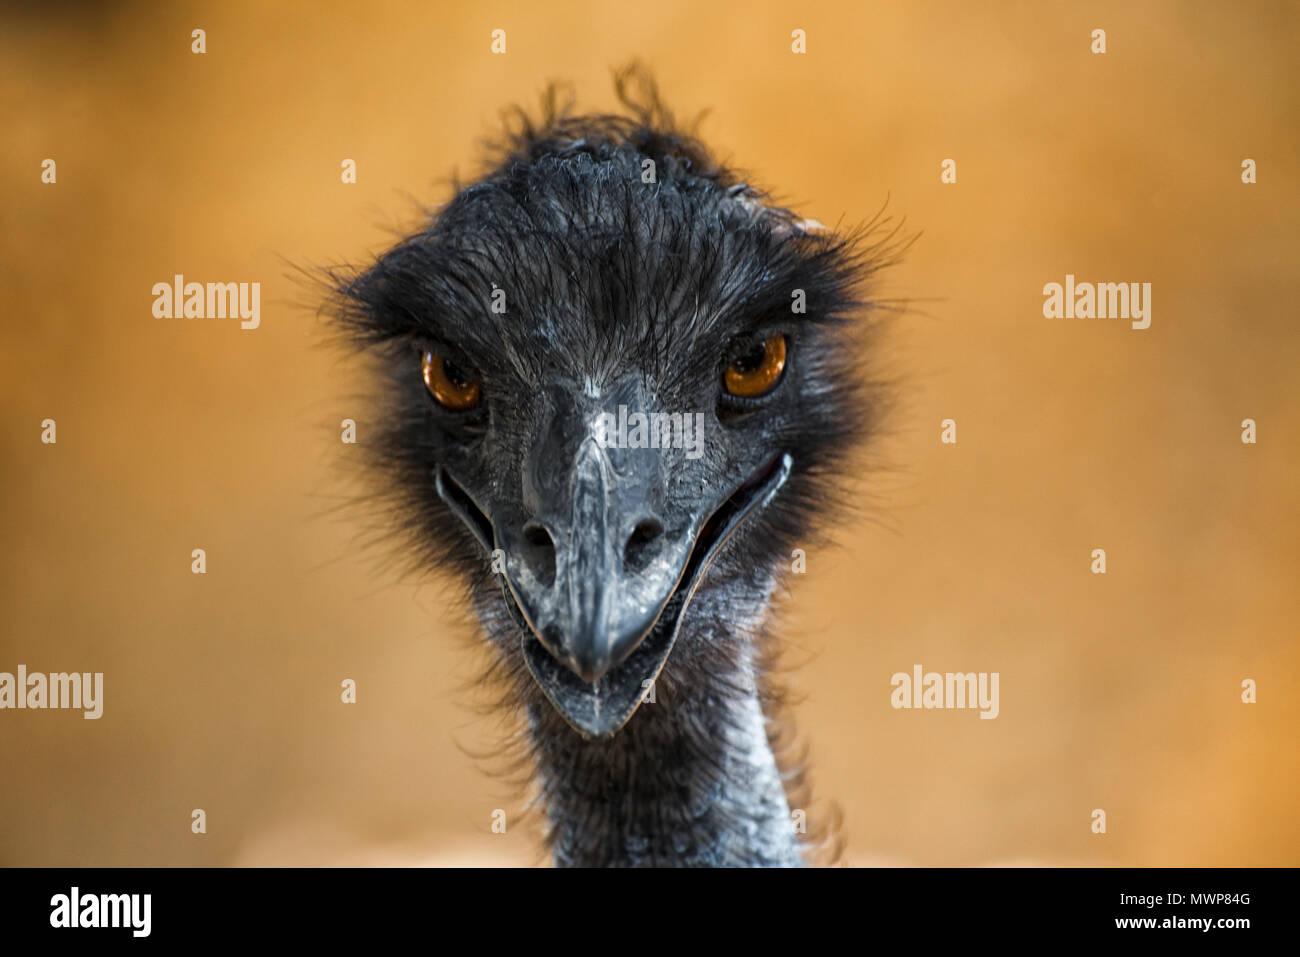 La testa dello struzzo è guardare avanti Immagini Stock